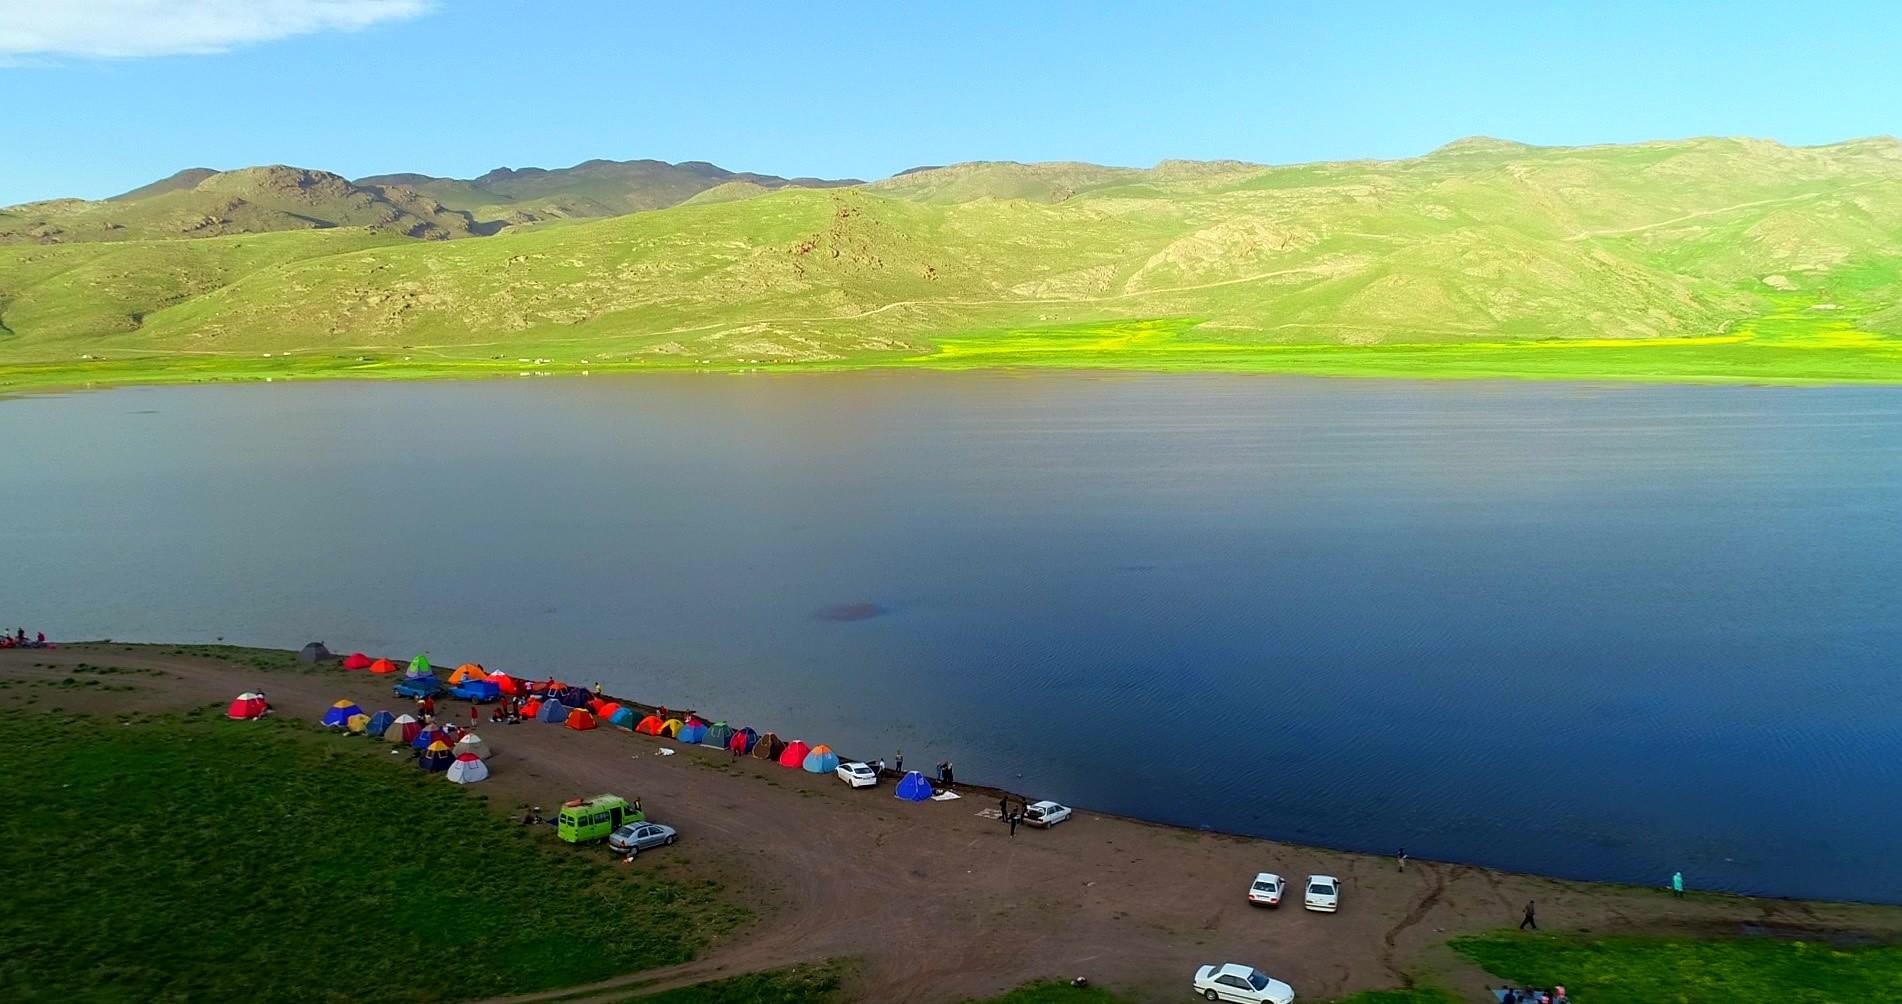 گردشگری خلخال اردبیل ، دریاچه نئور